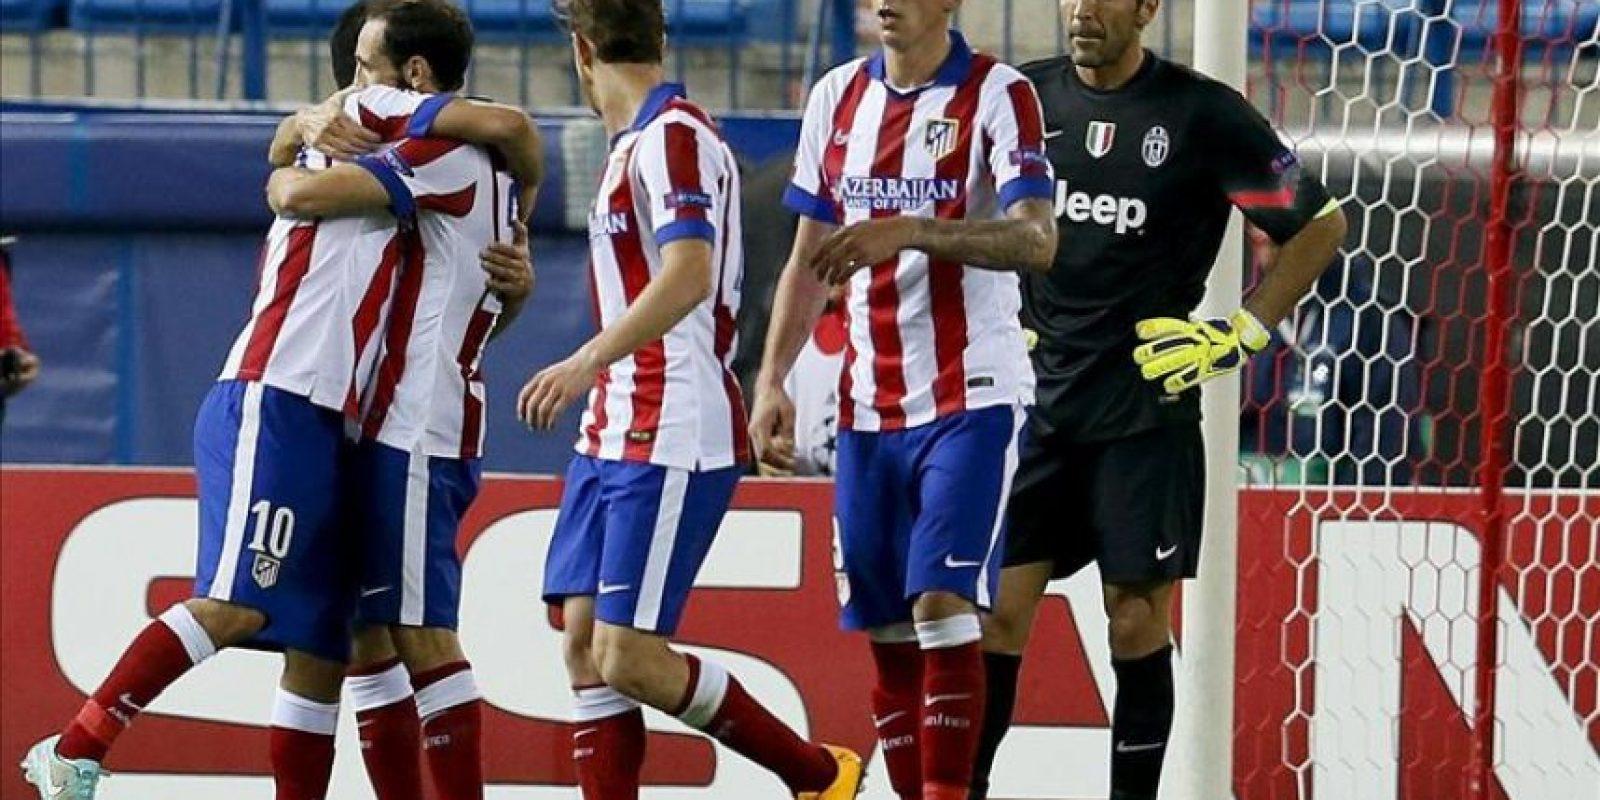 Los jugadores del Atlético de Madrid felicitan a Arda Turan (i) tras marcar ante la Juventus, durante el partido de la segunda jornada de la fase de grupos de la Liga de Campeones que disputaron en el estadio Vicente Calderón, en Madrid. EFE